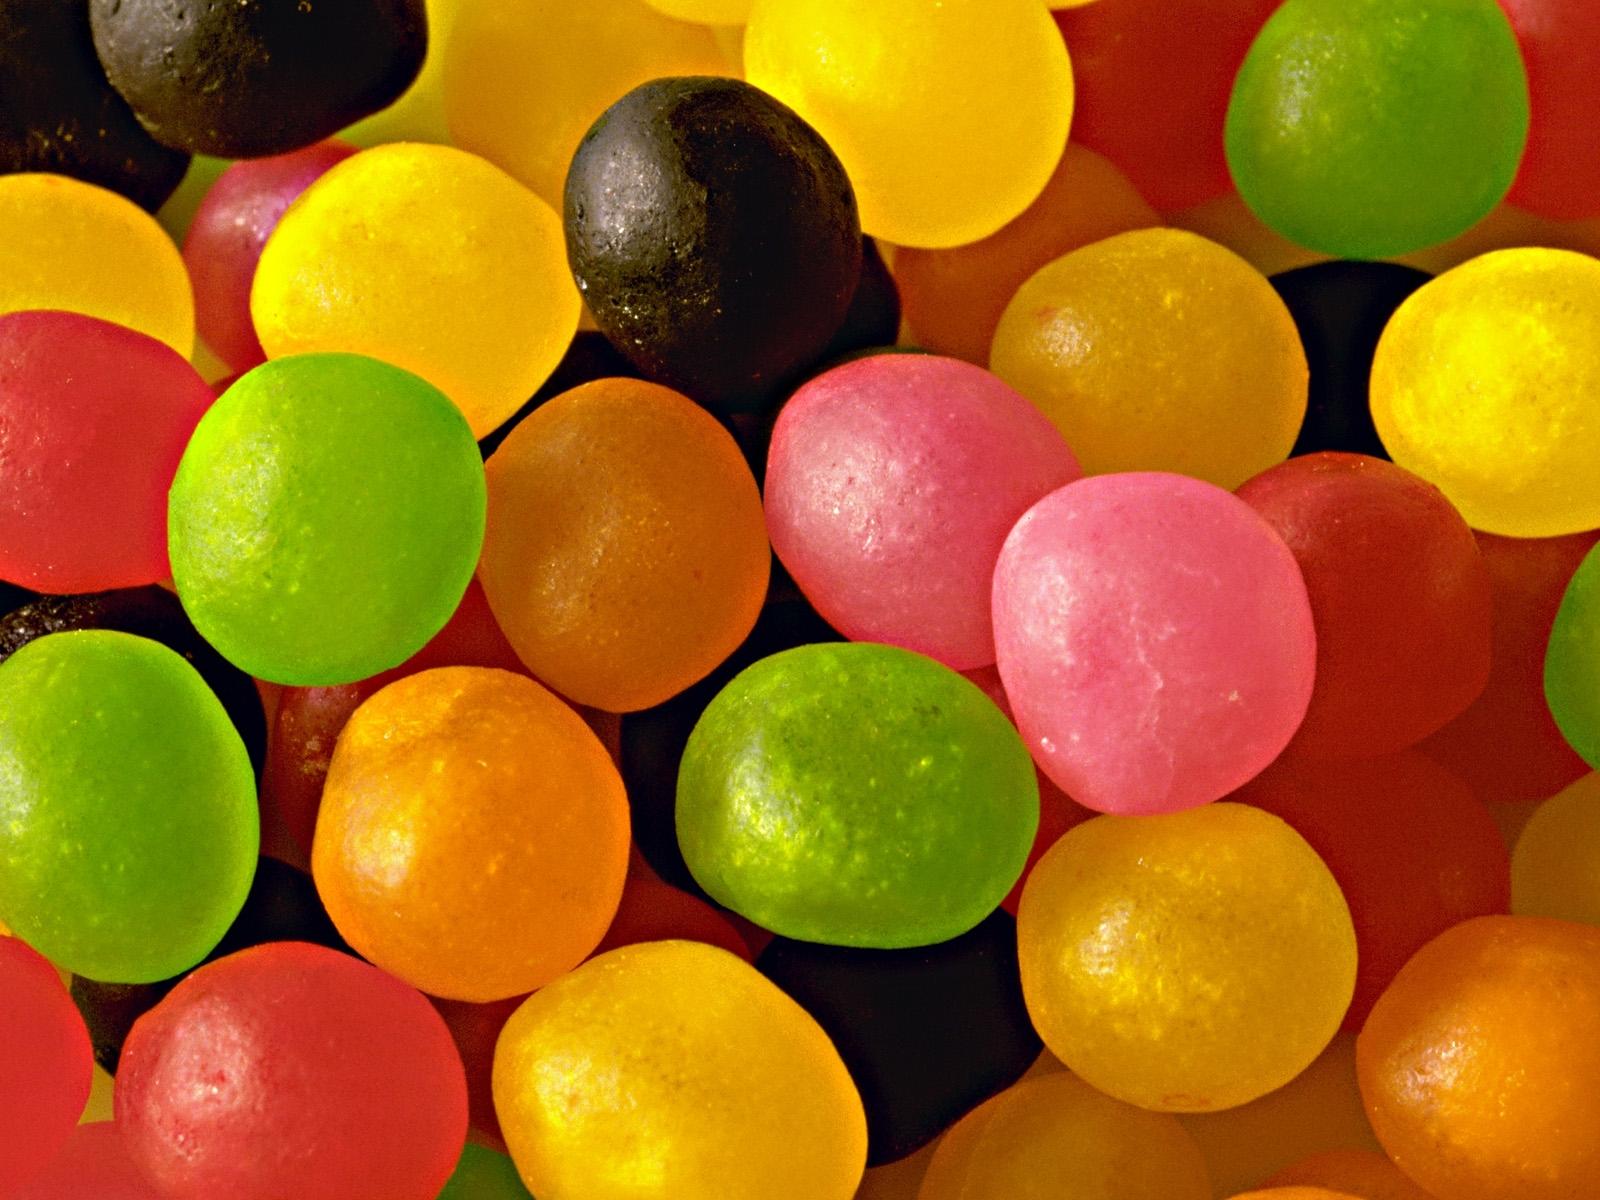 красочные сладкие шарики  № 972937 без смс